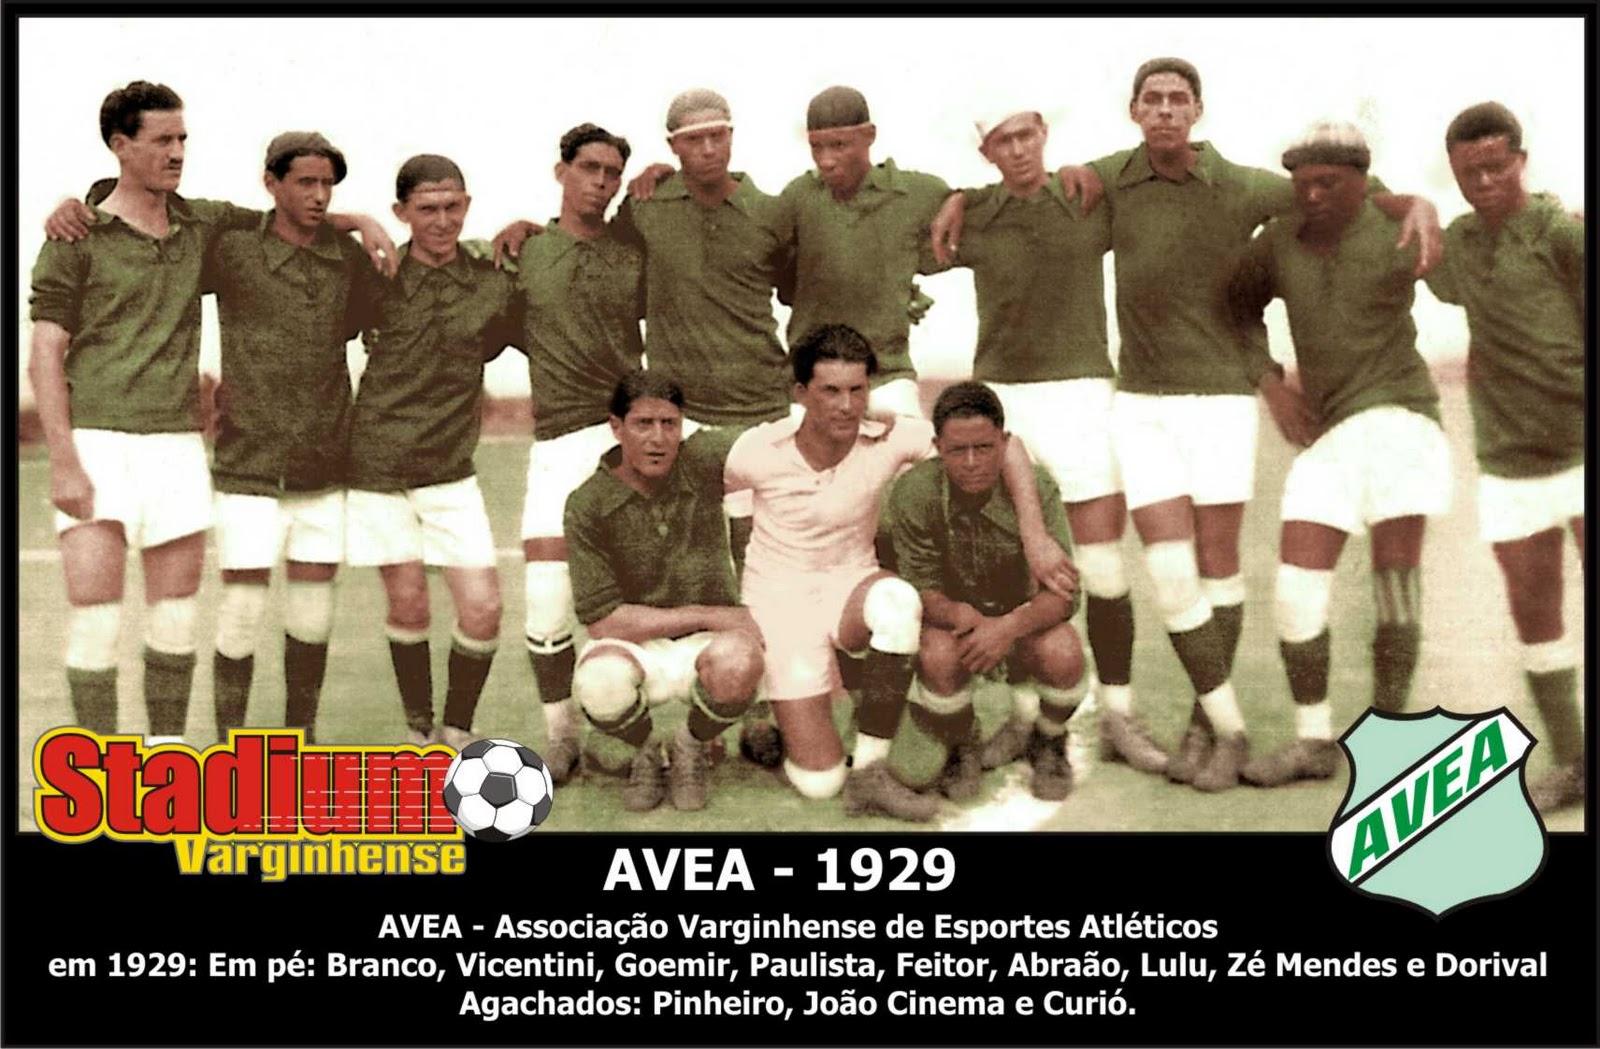 bd8cd8f9ac403 ... foi um clube brasileiro de futebol